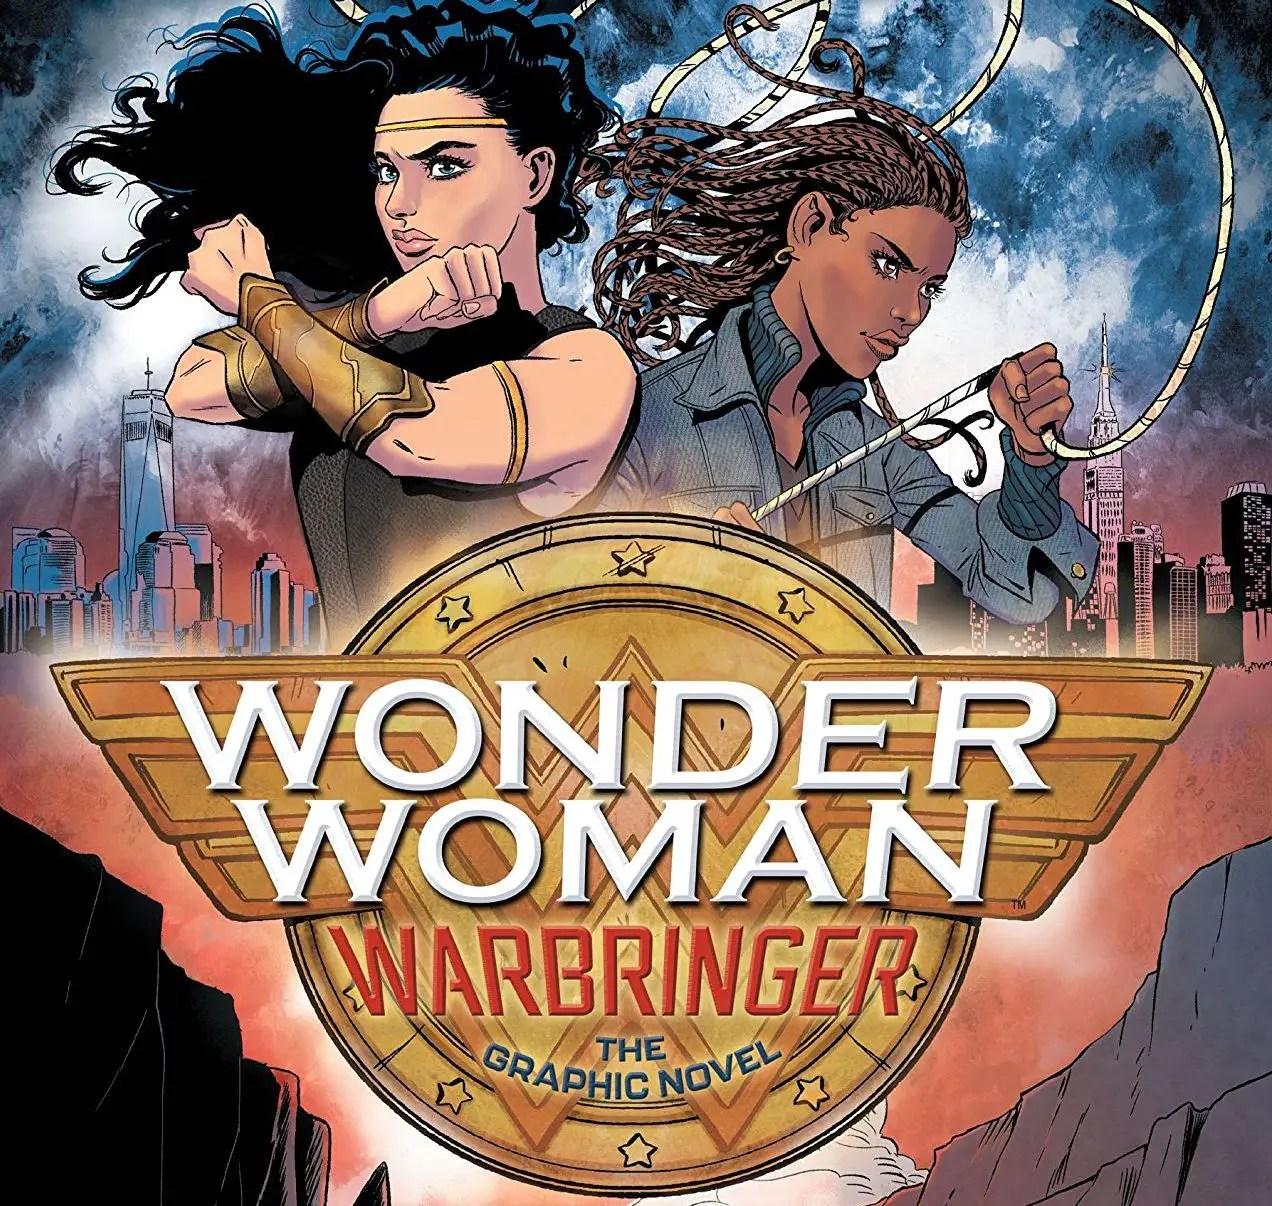 Wonder Woman: Warbringer Graphic Novel review